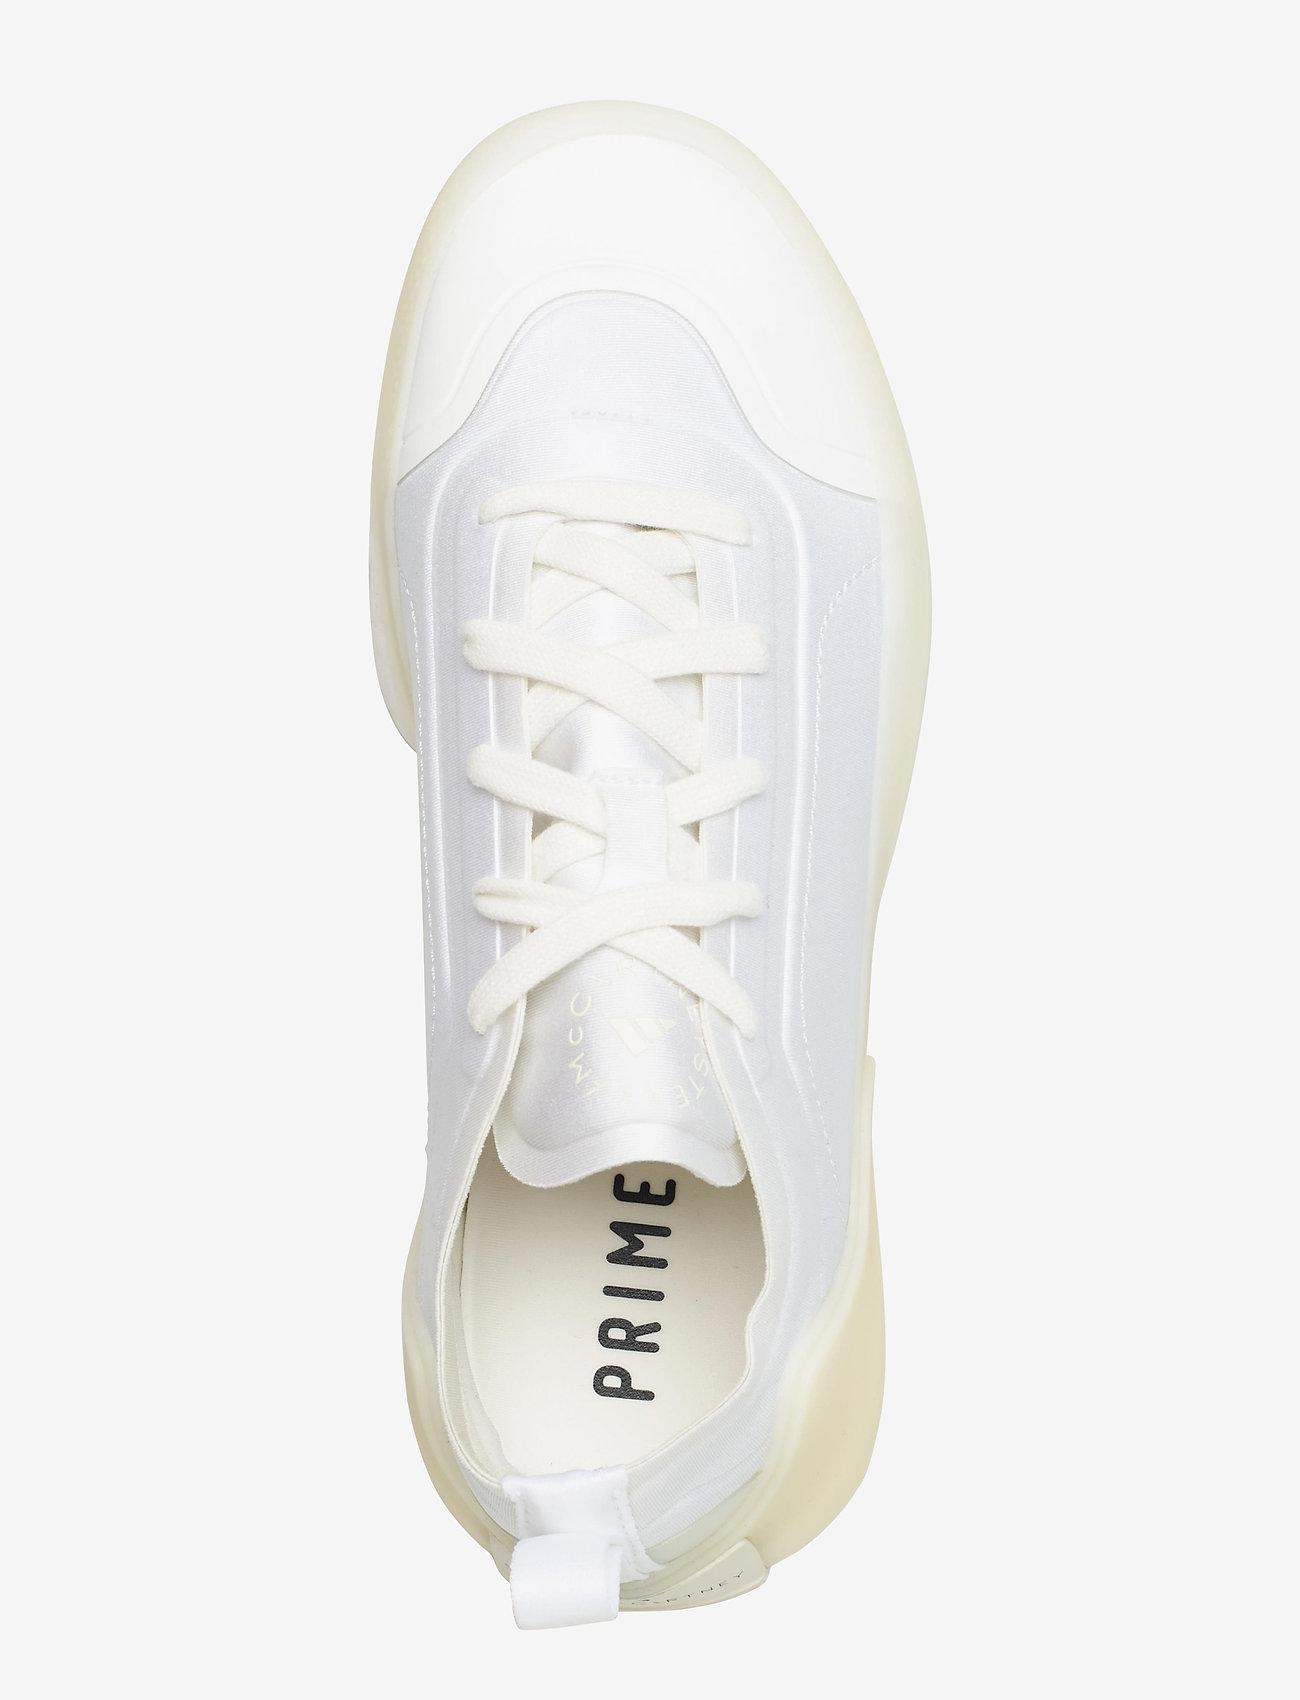 adidas by Stella McCartney - aSMC Treino - training shoes - ftwwht/ftwwht/ftwwht - 3